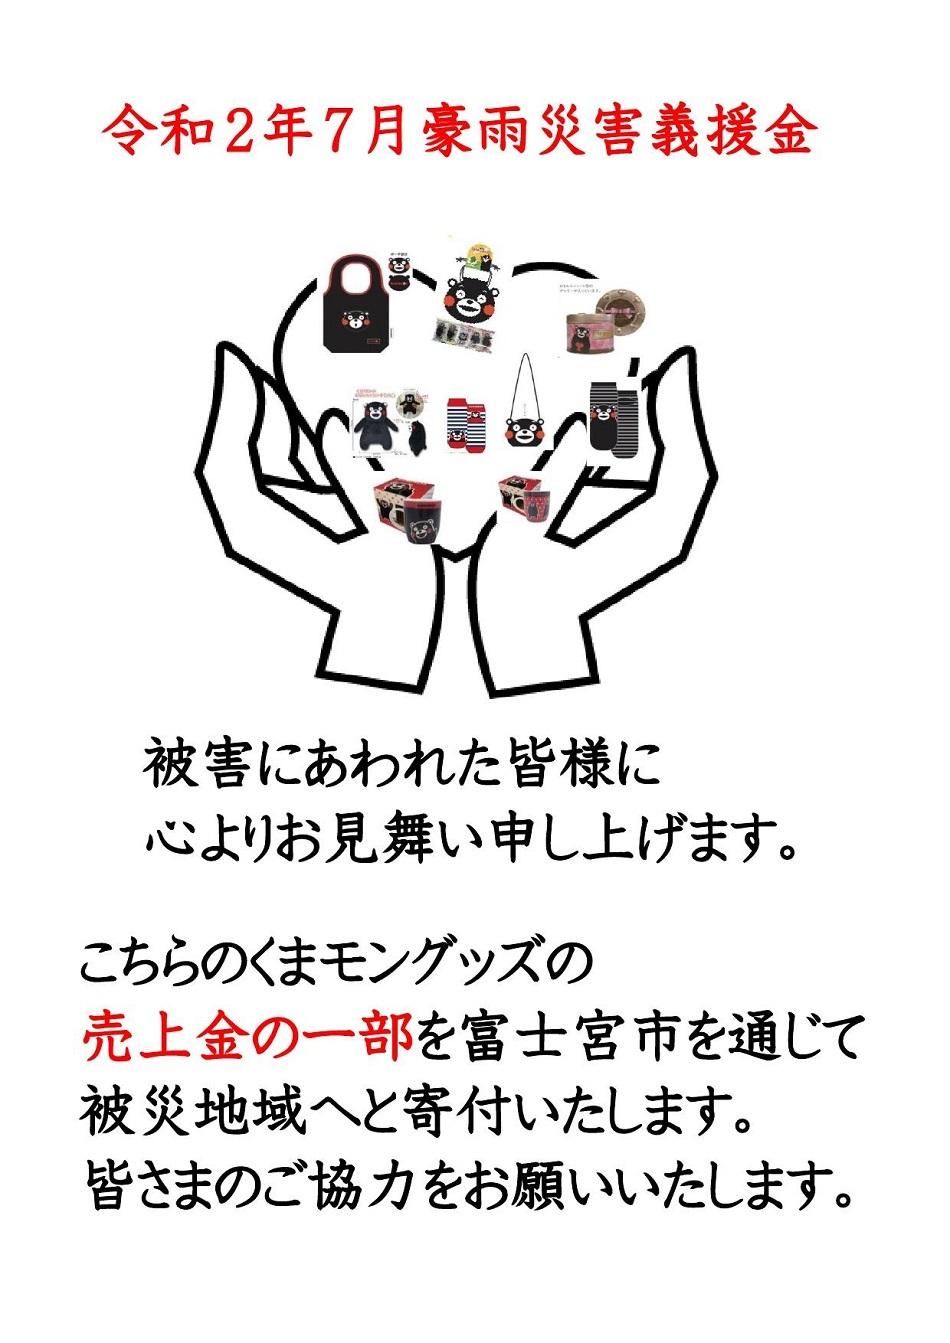 義援金_000001.jpg